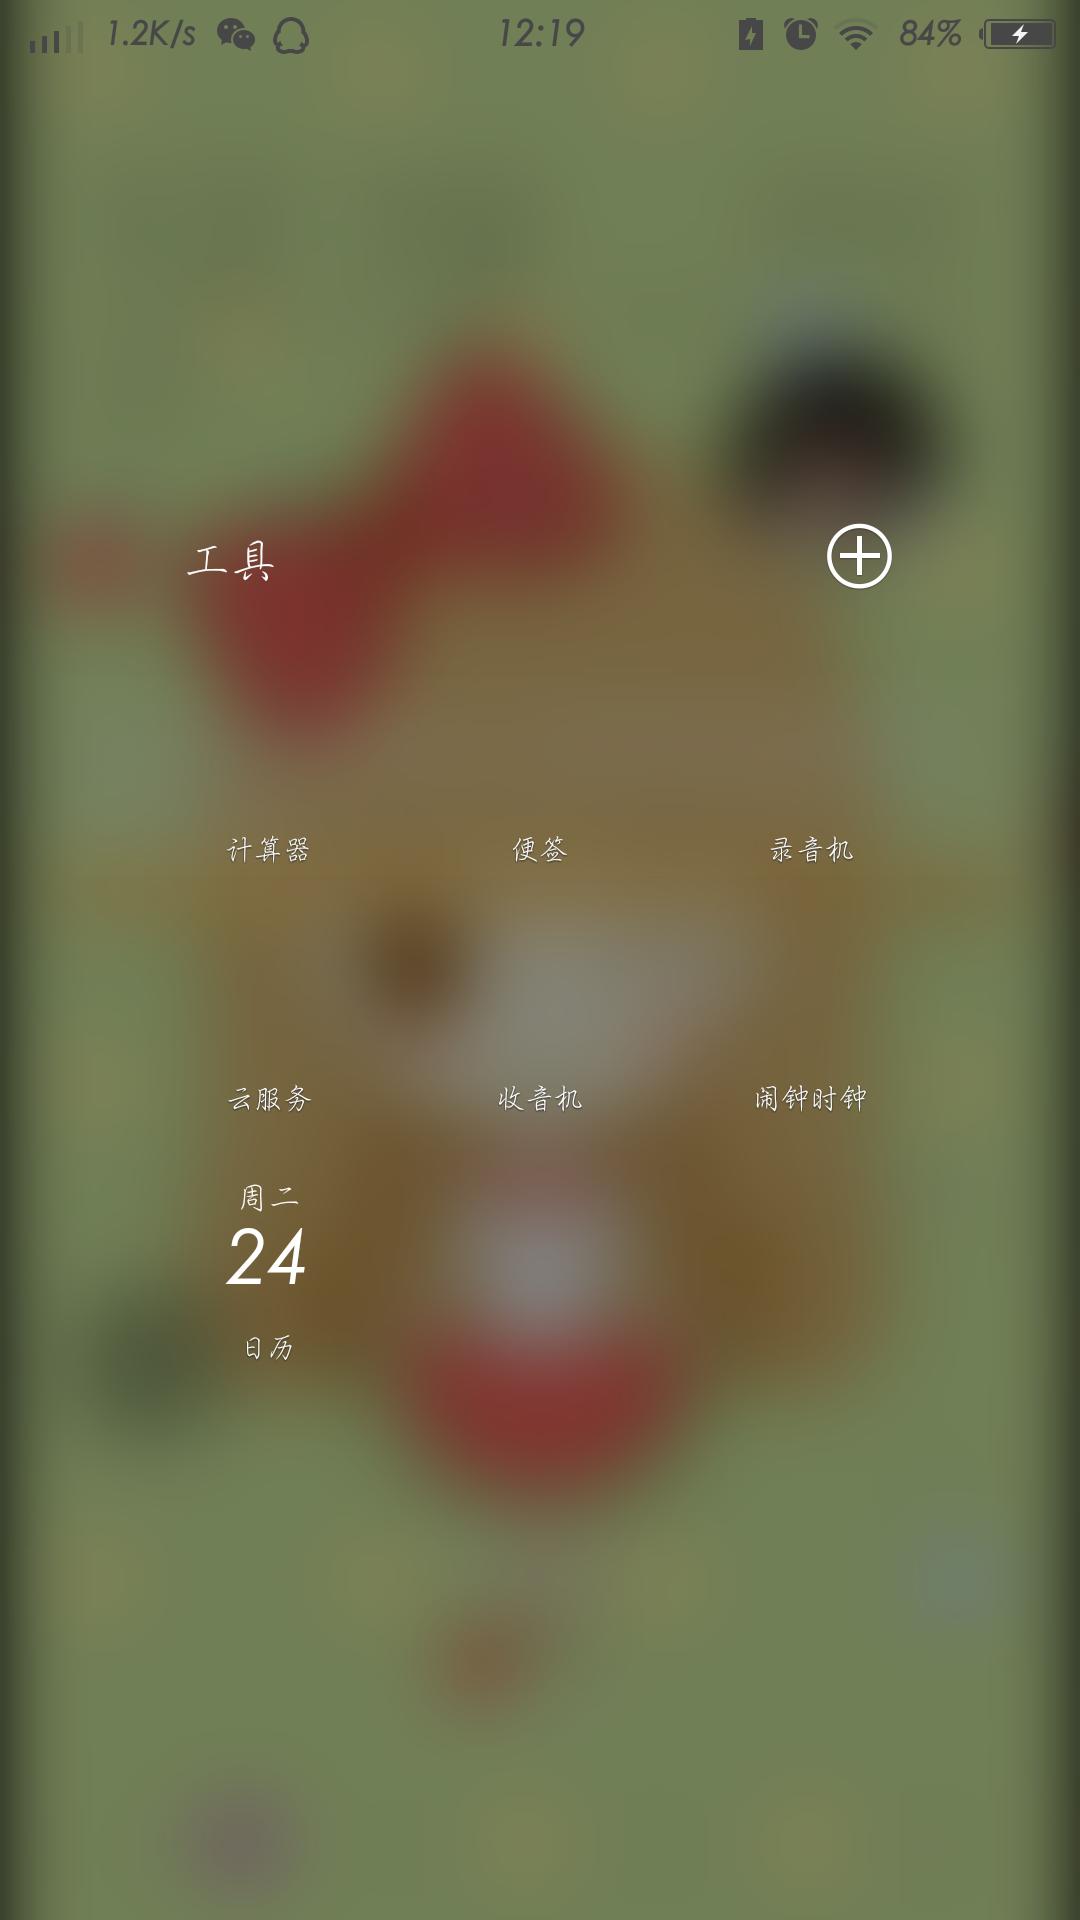 版块 69 v粉玩机 69 手机主题 69 【xplay】超萌鬼小妞《全局透